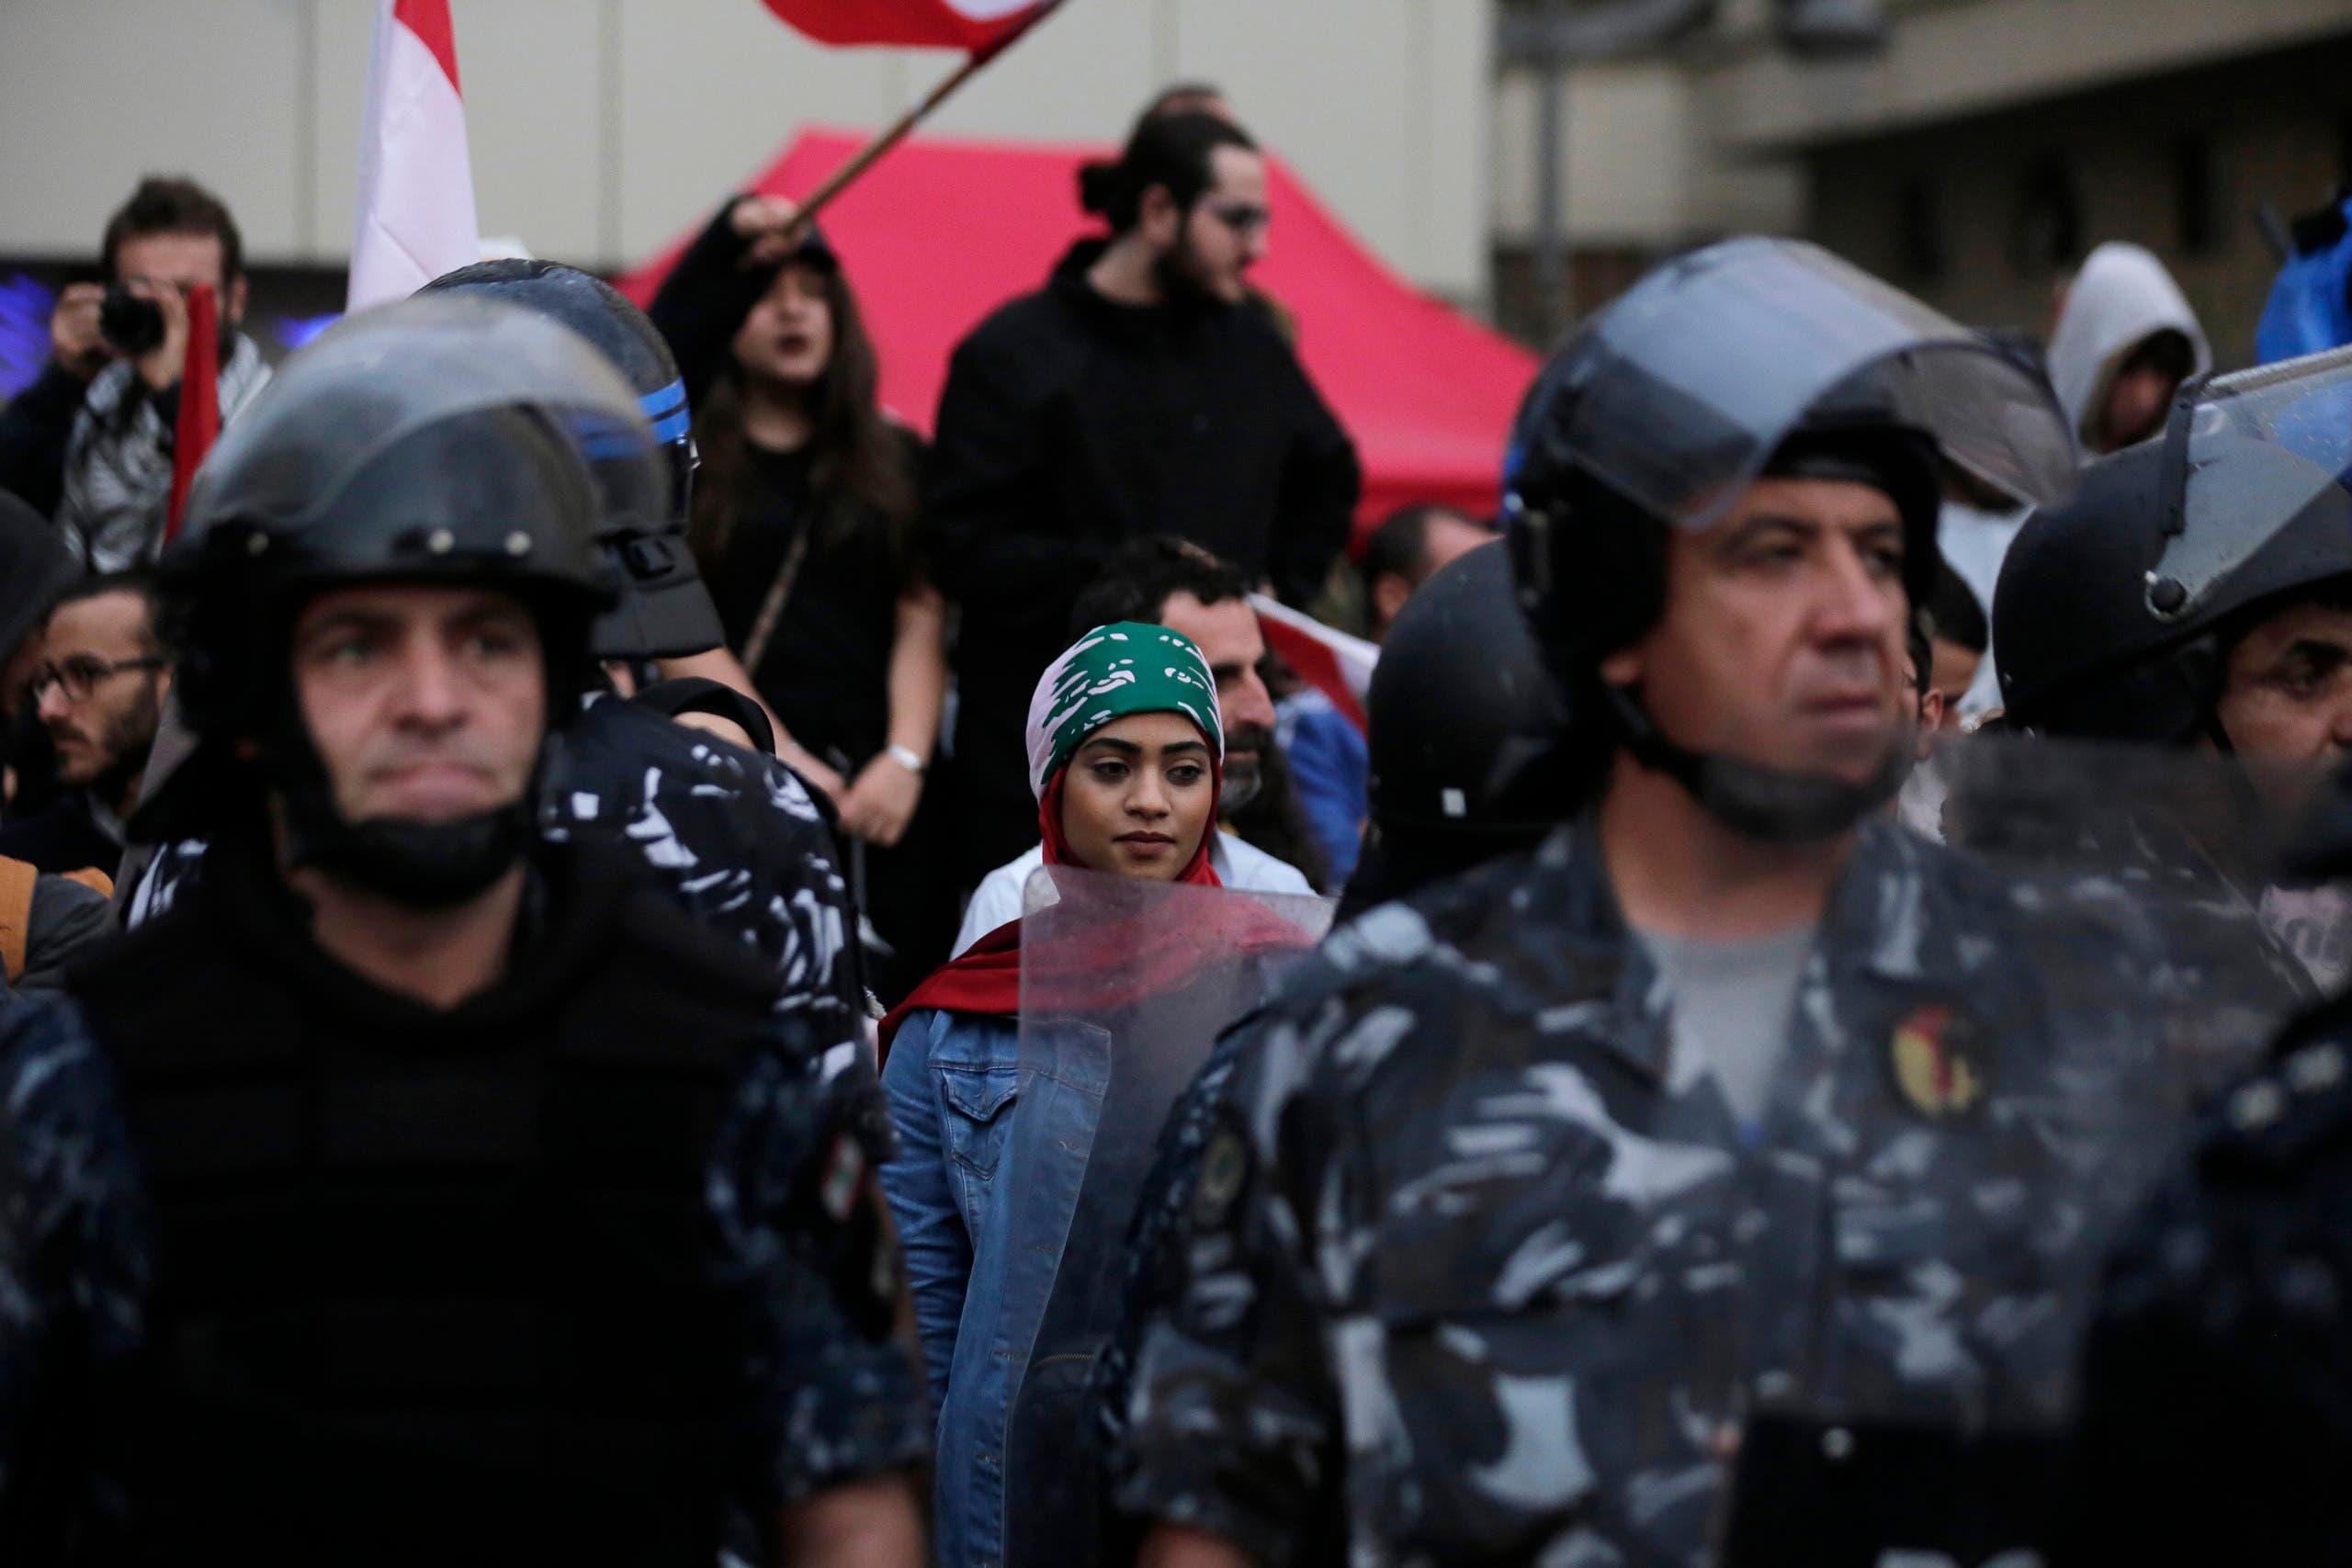 وسط بيروت قوات الأمن تحمي النتظاهرين